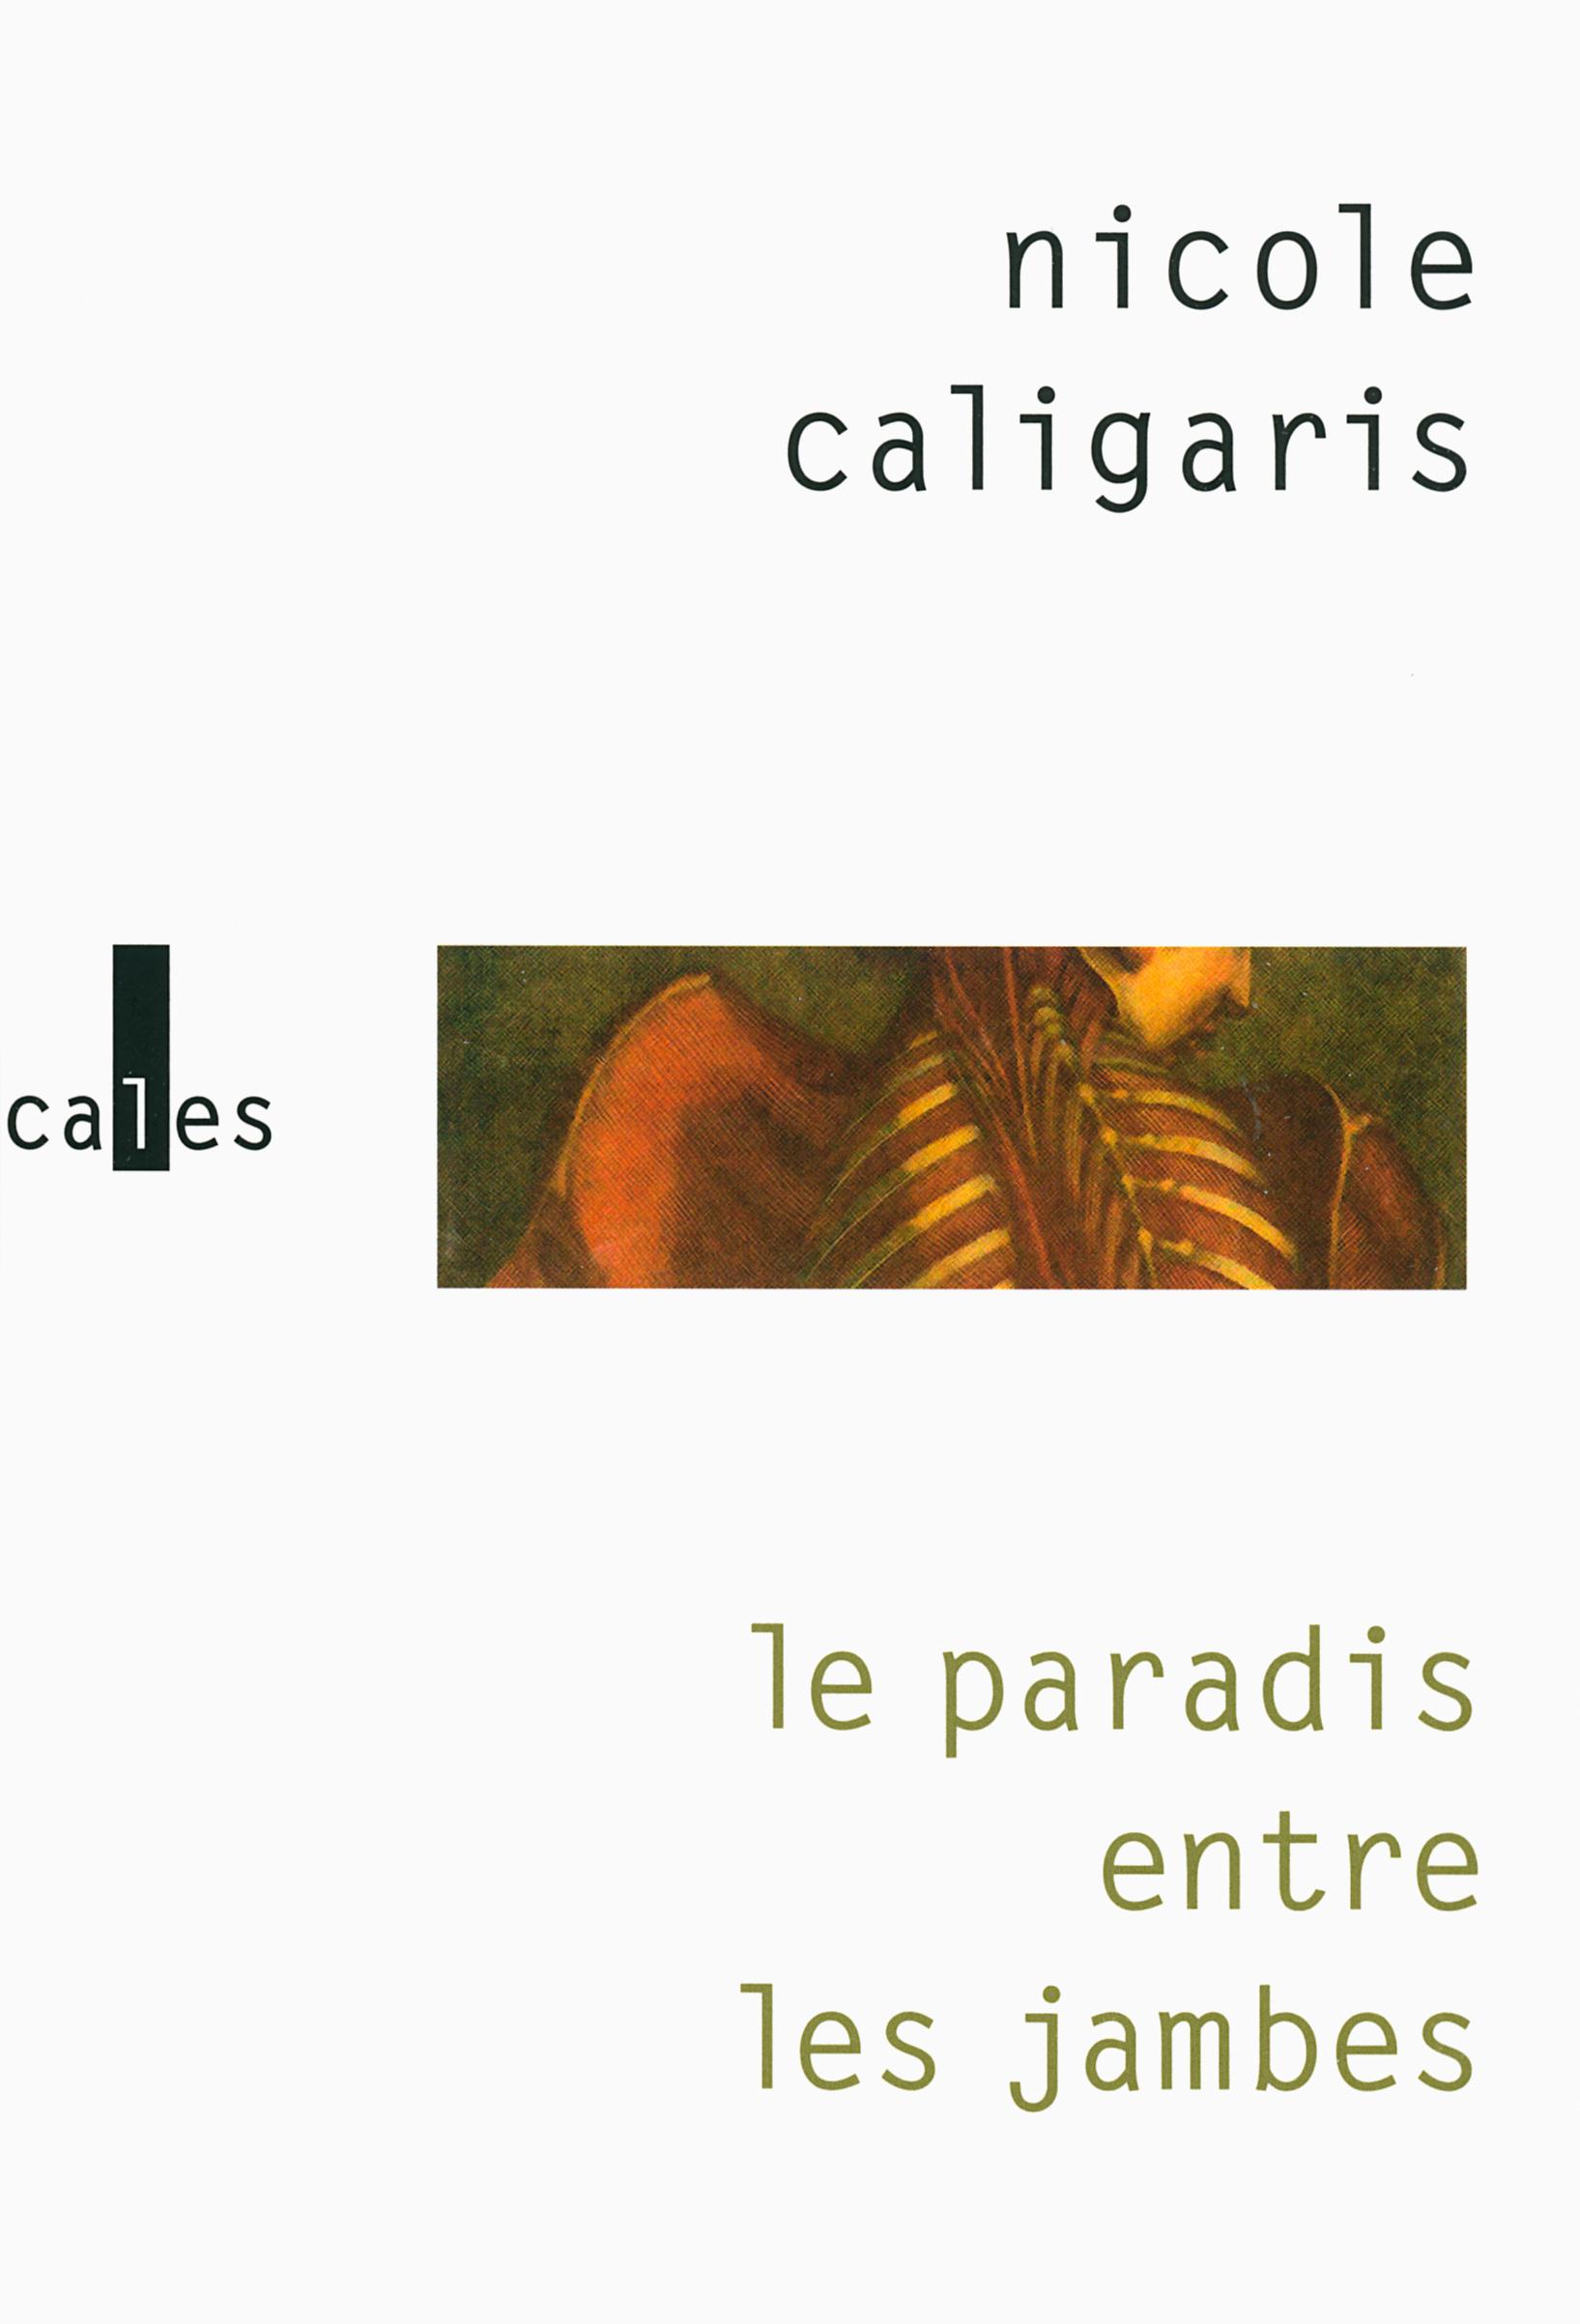 LE PARADIS ENTRE LES JAMBES